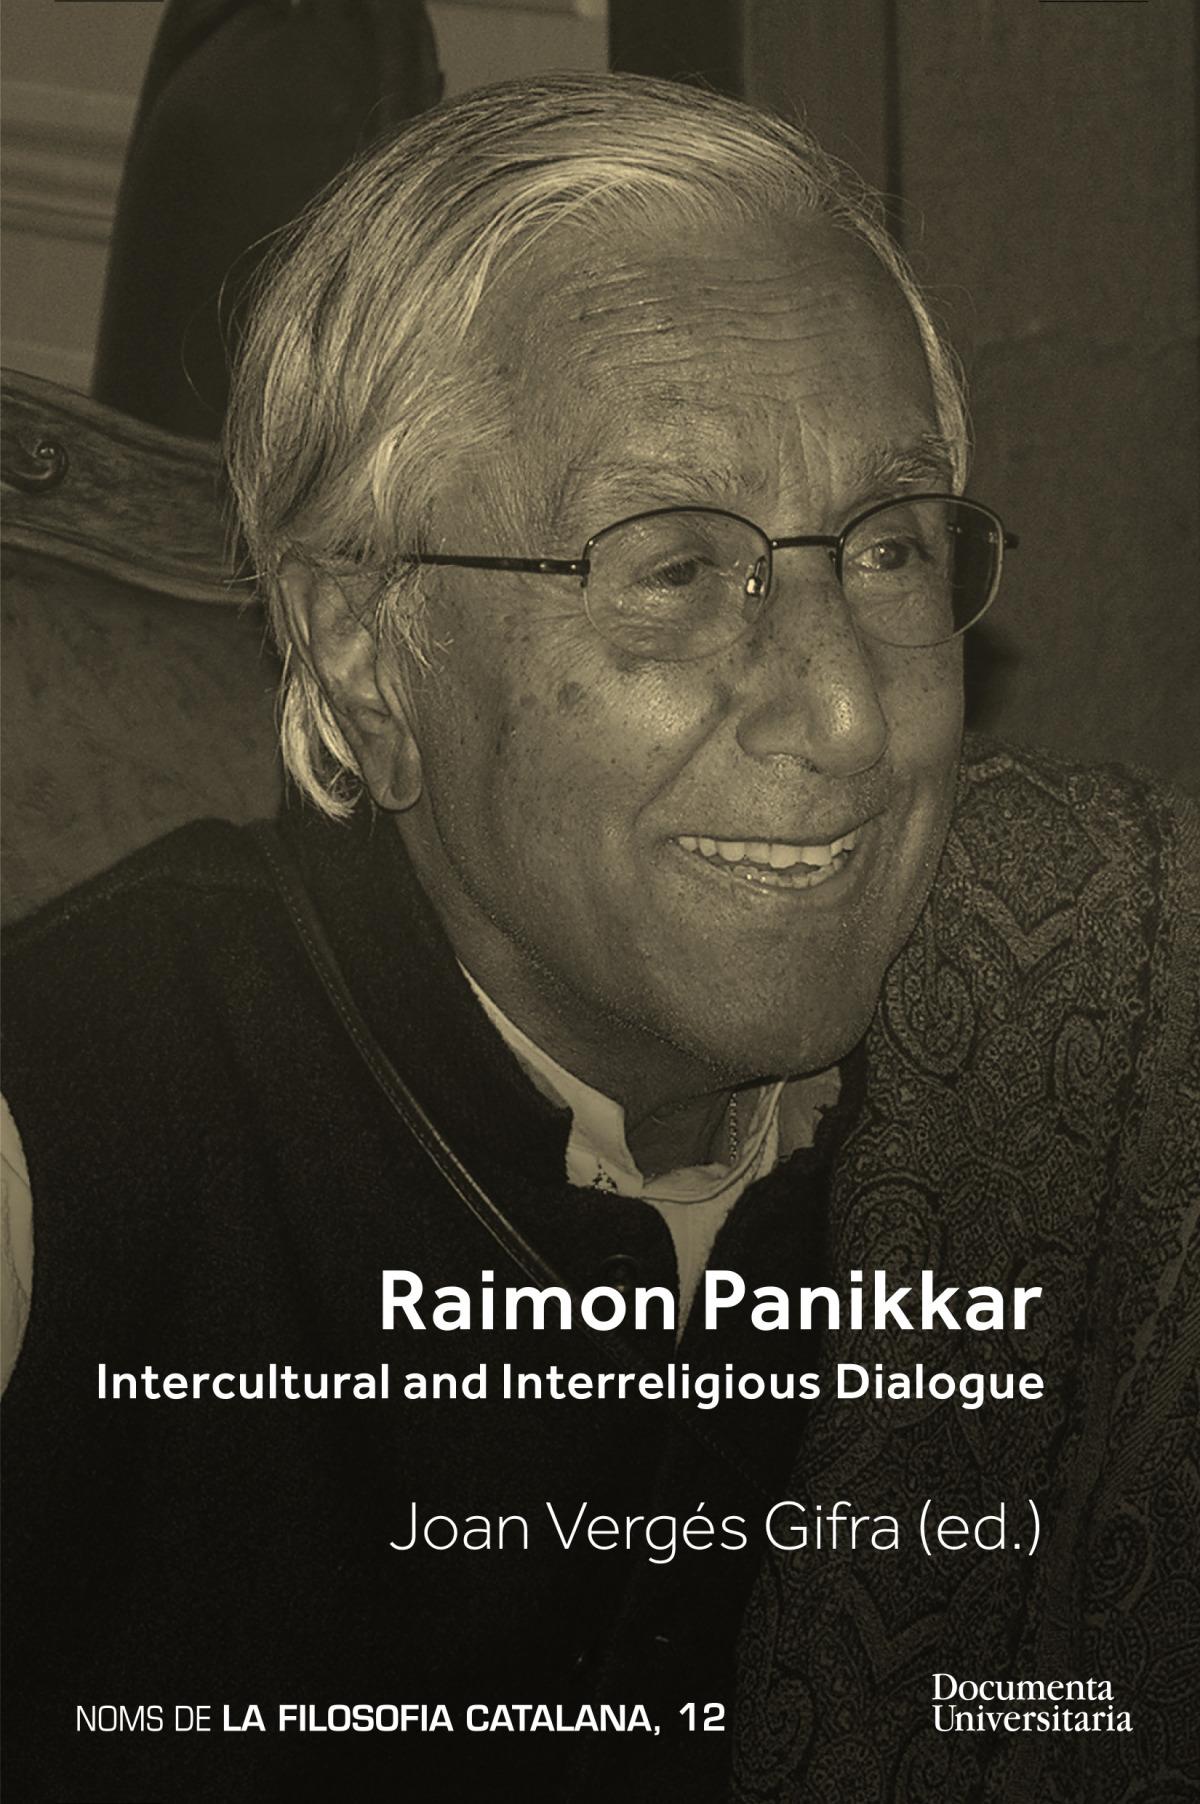 Raimon Panikkar. Intercultural and Interreligious Dialogue